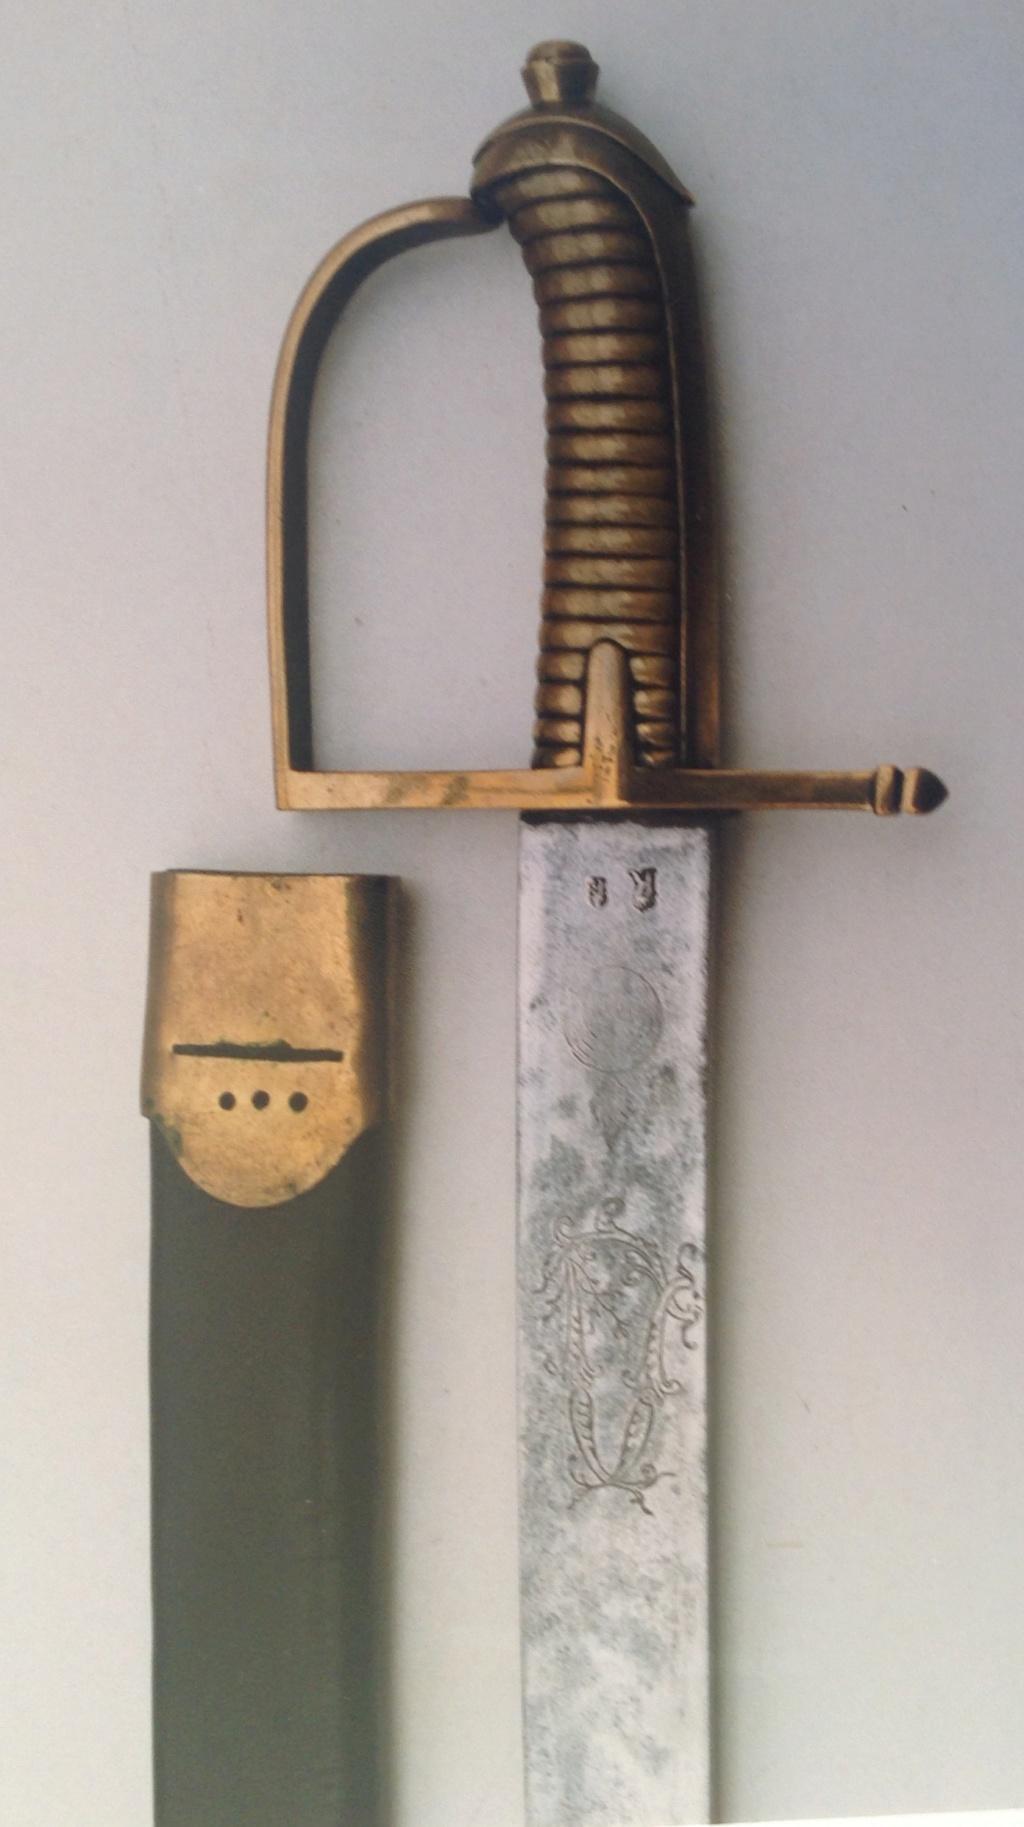 Les sabres briquets 1ère partie : les modèles 1767 et 1790 Fullsi49